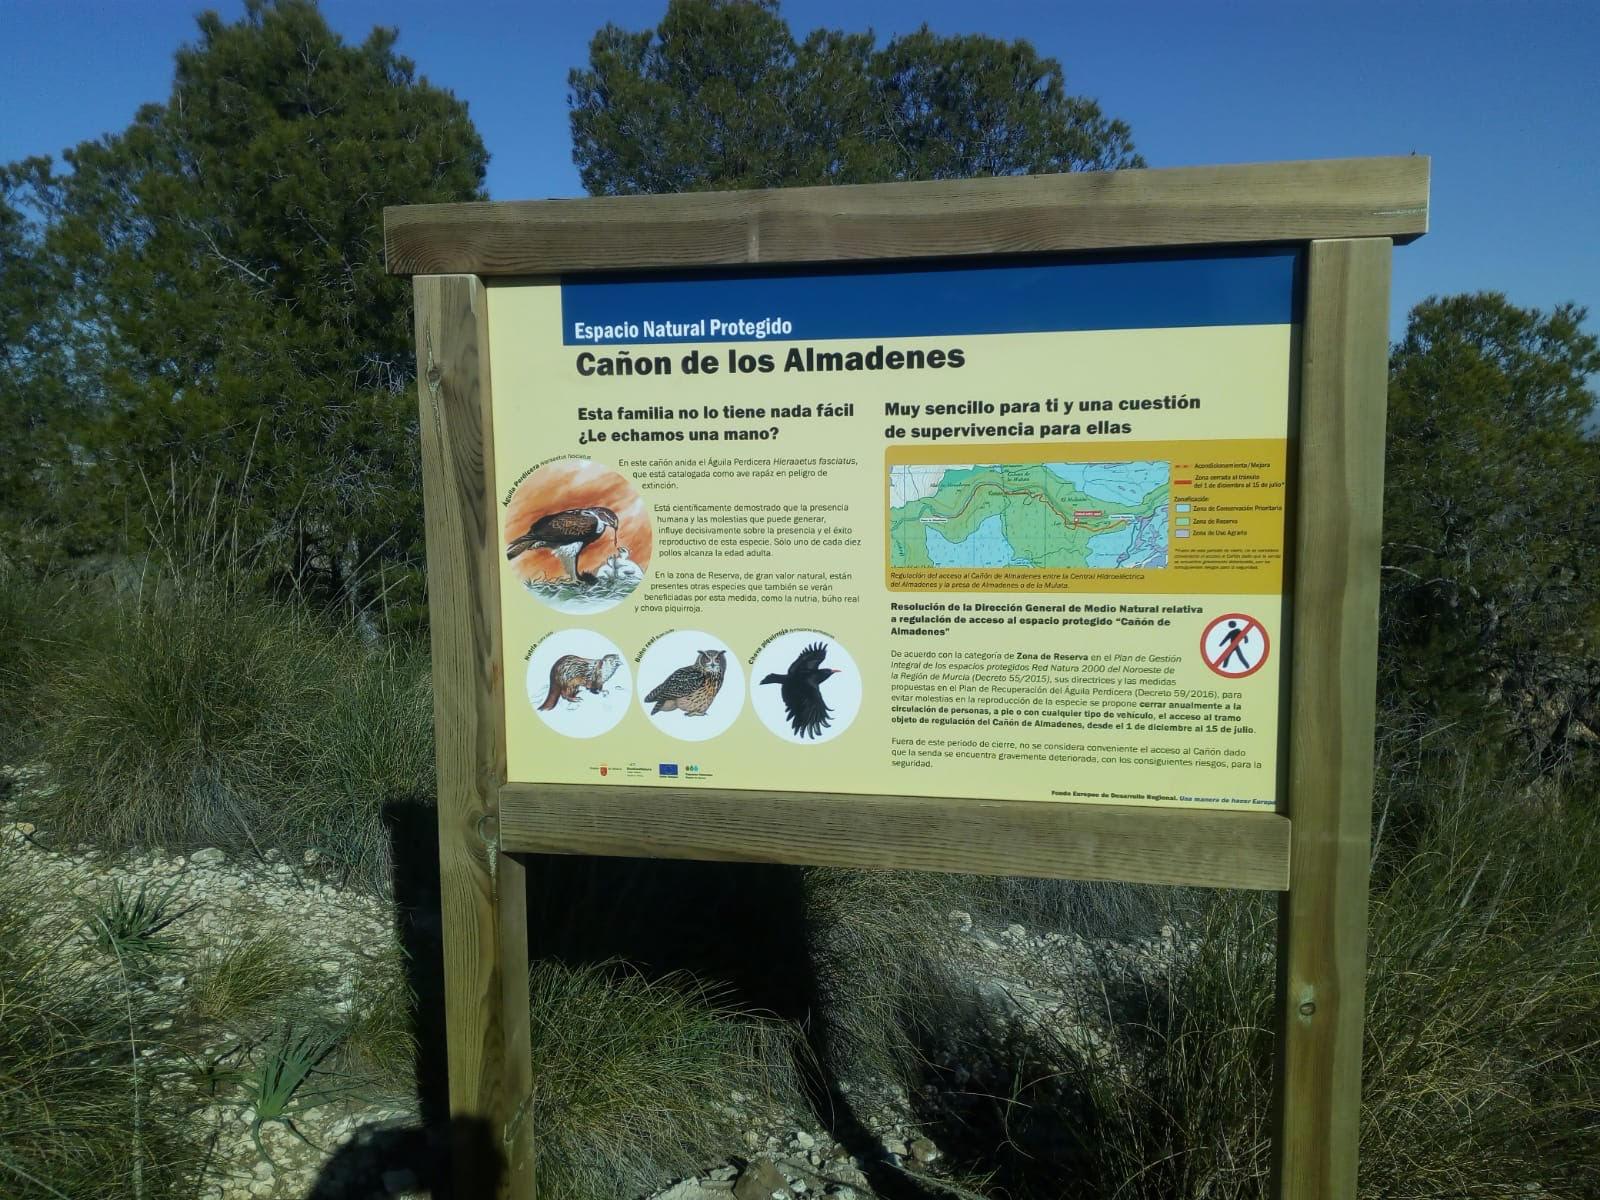 Nueva cartelería informativa sobre el águila perdicera en el Cañón de Almadenes. Imagen: CARM